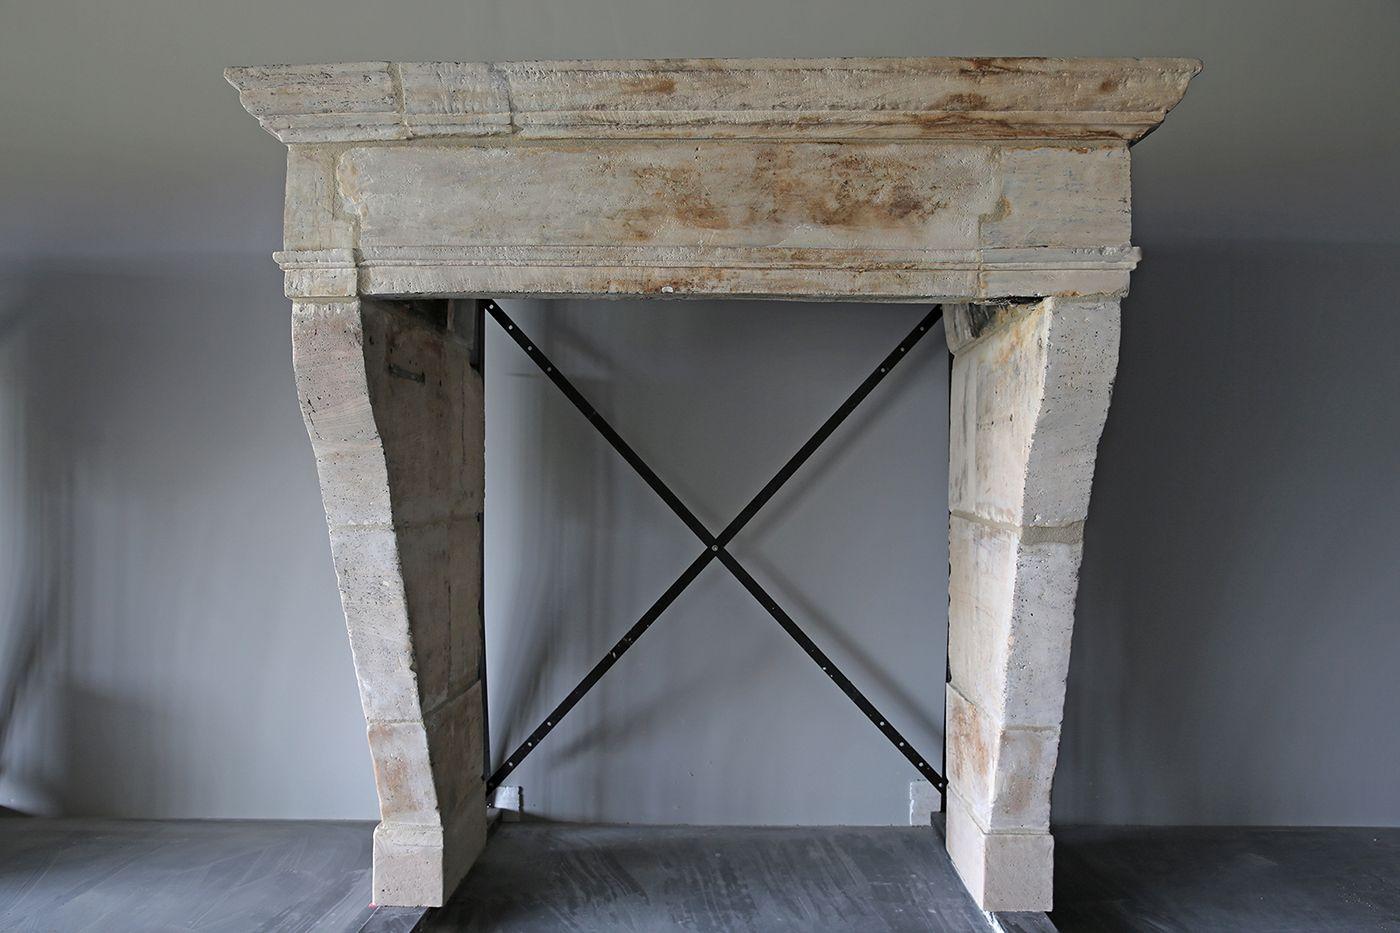 antike schloss kamine - antike französisch kalkstein kamine